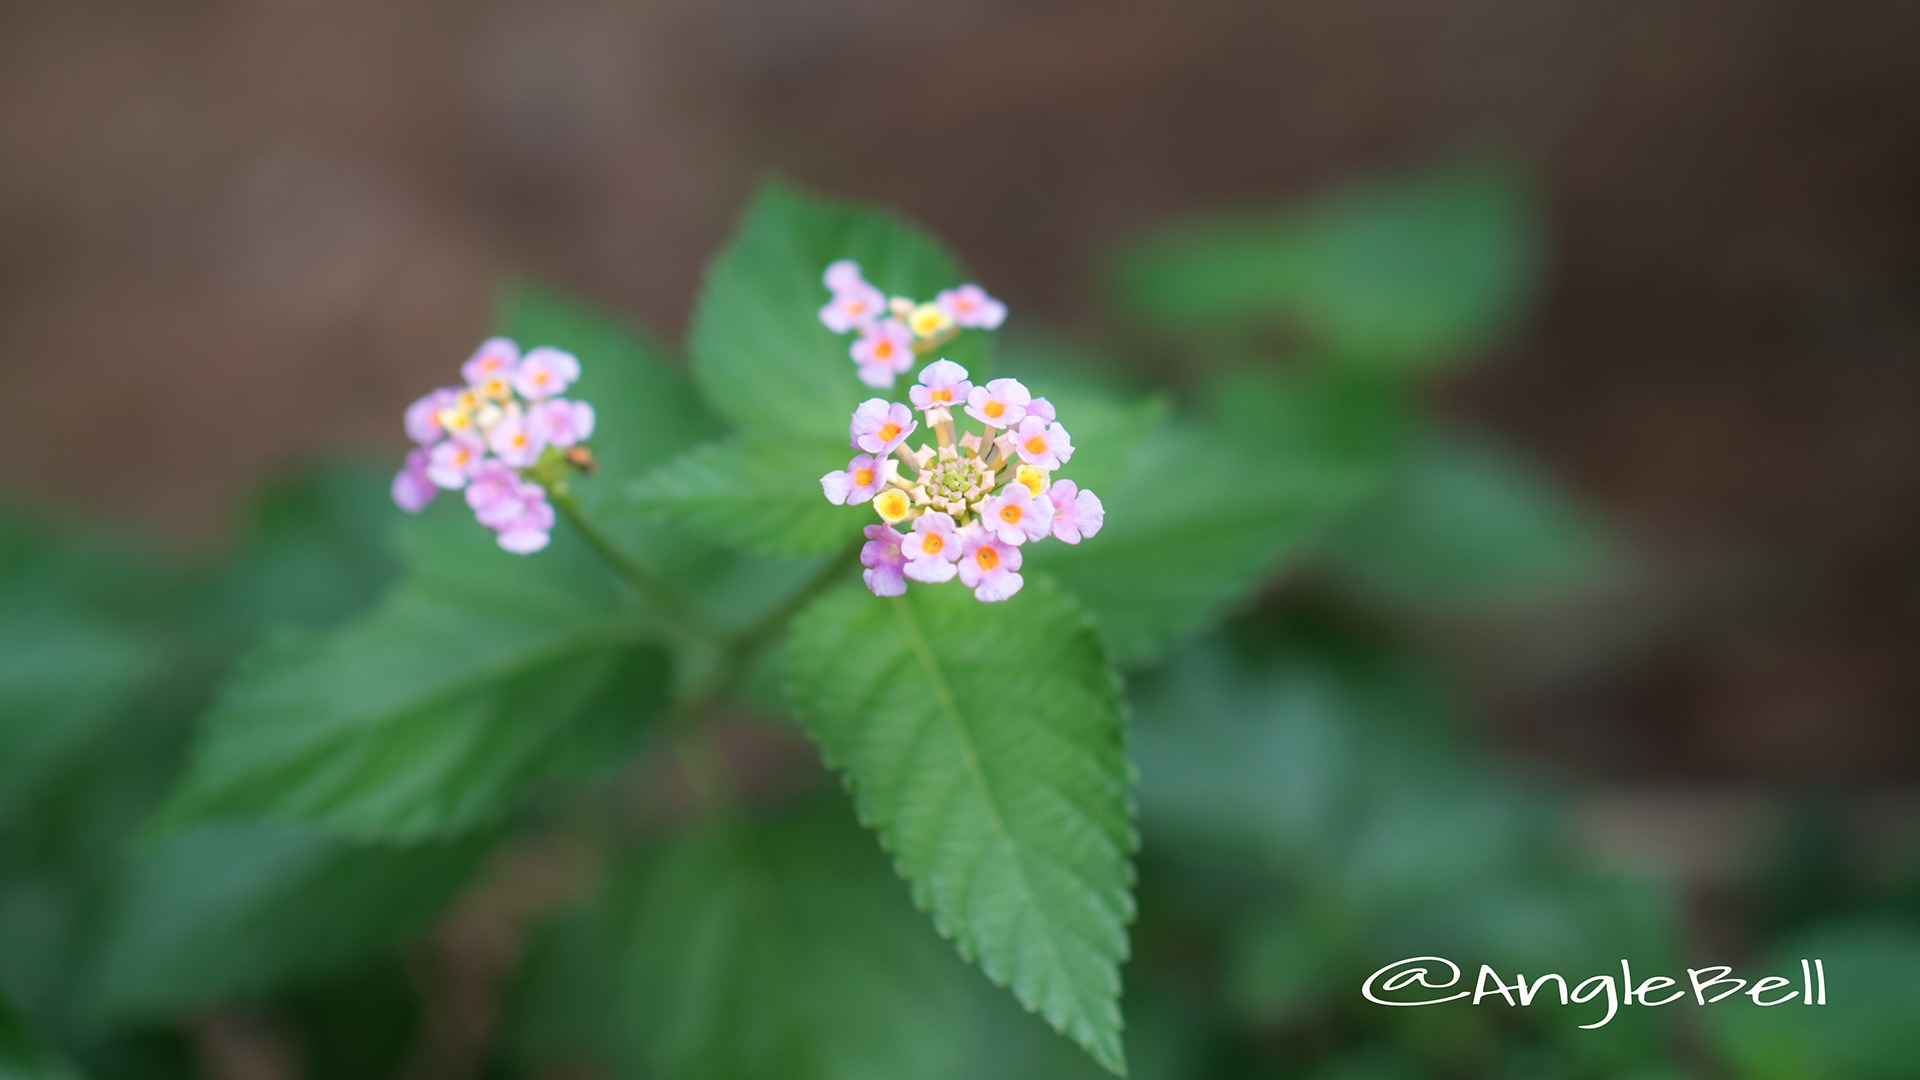 ランタナ Flower Photo2